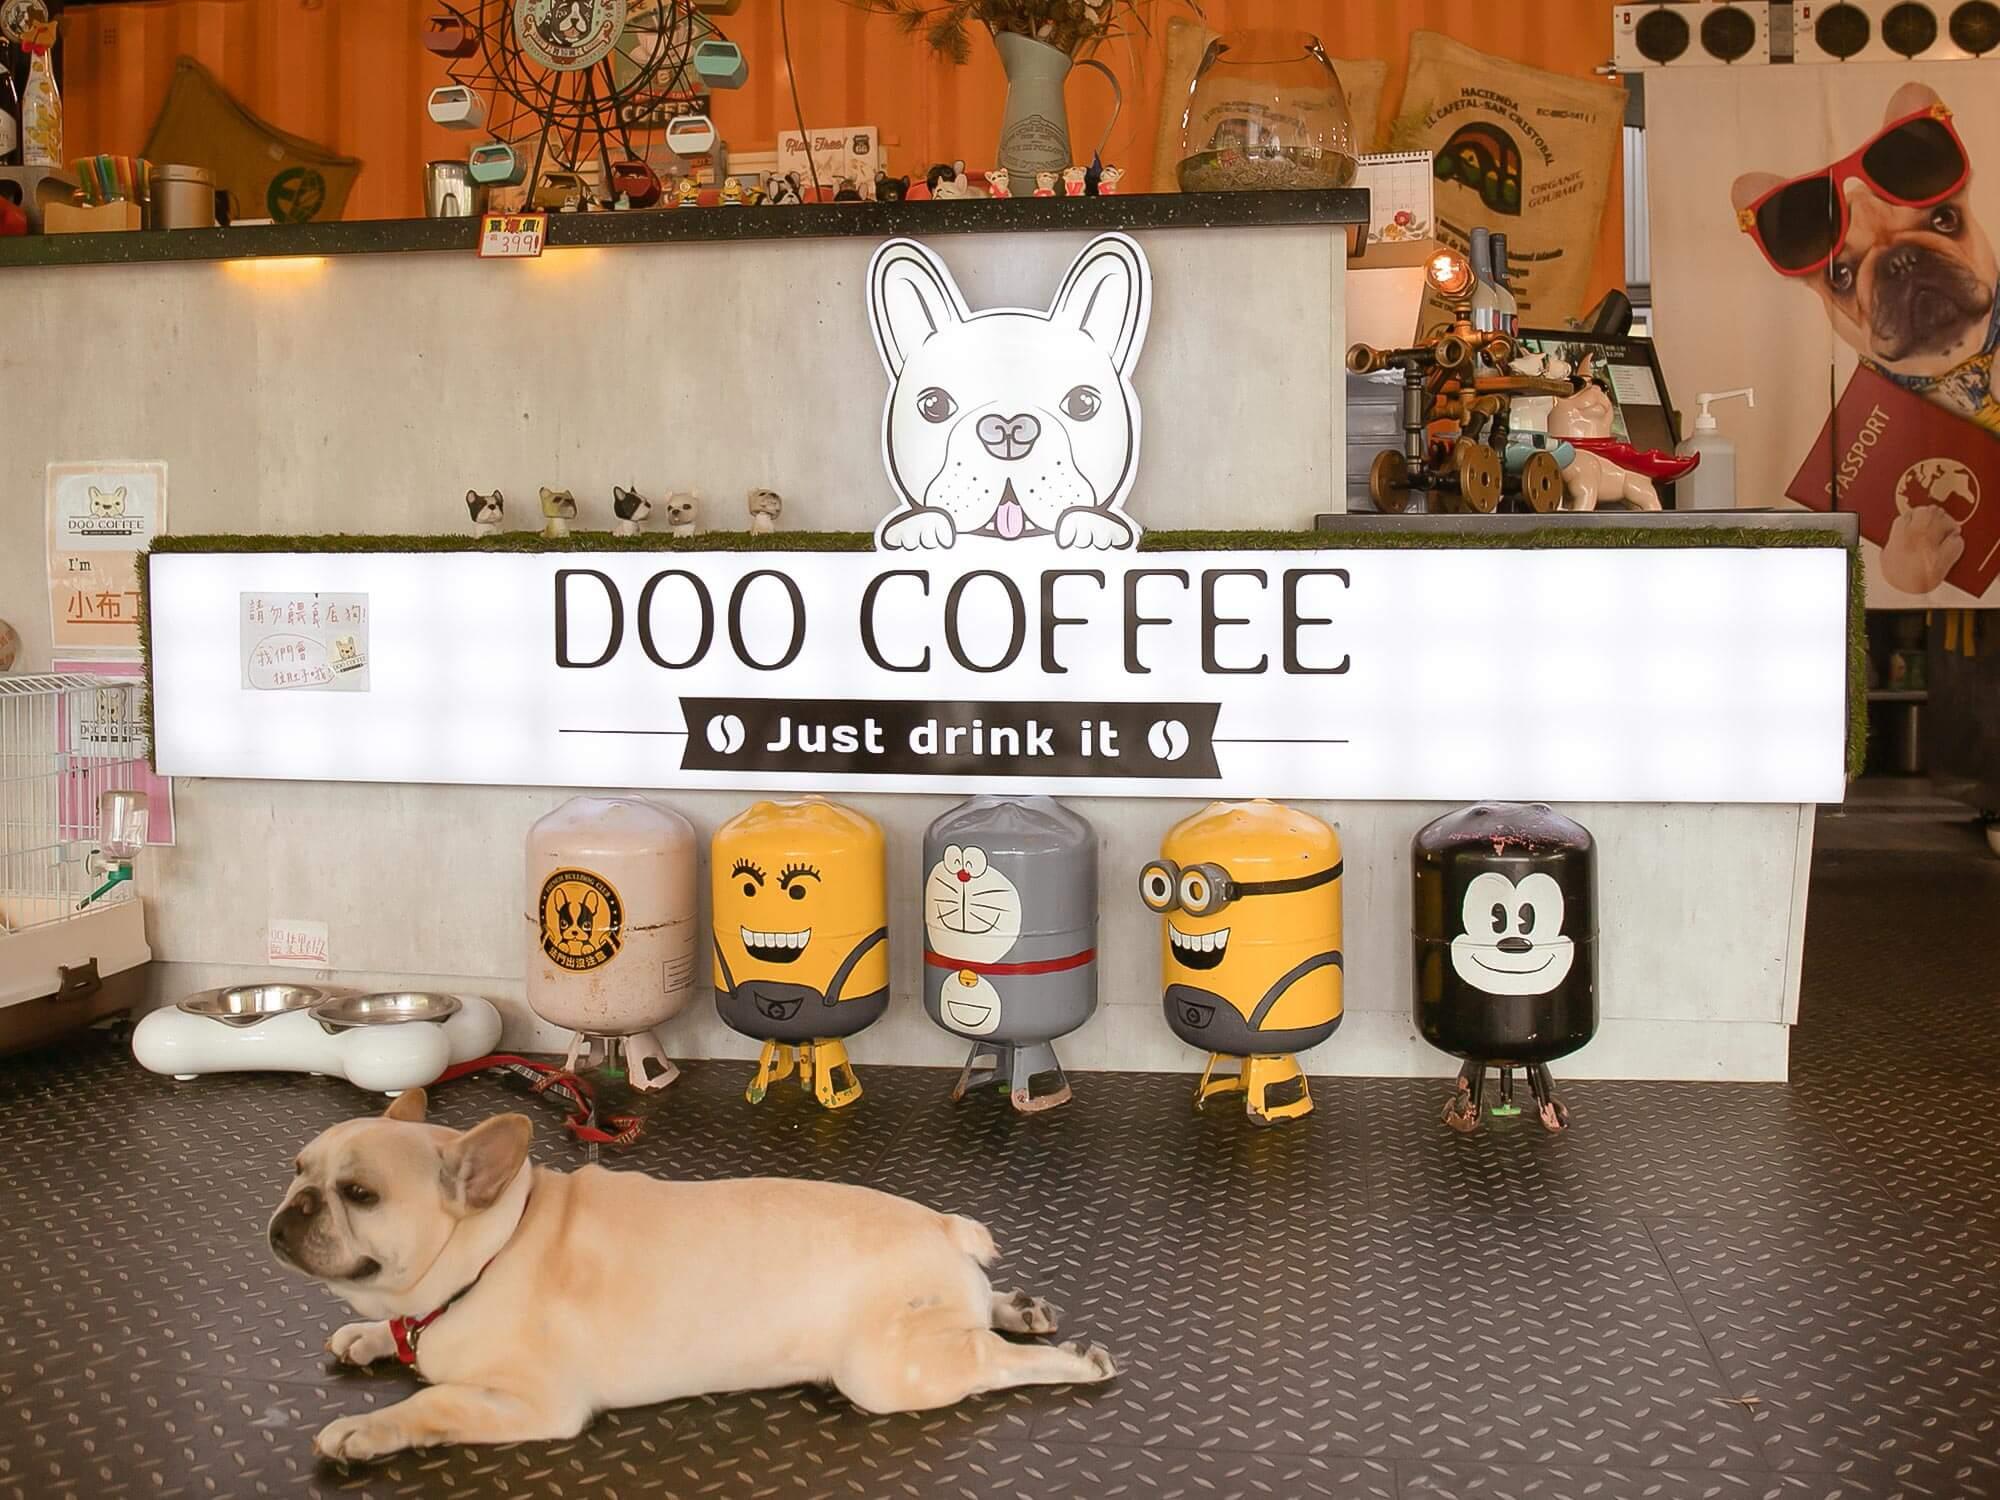 苗栗公館Doo Coffee|寵物友善貨櫃餐廳,內有2隻萌犬法鬥,來一杯美美的下午茶吧!炸物和飲料都很推!